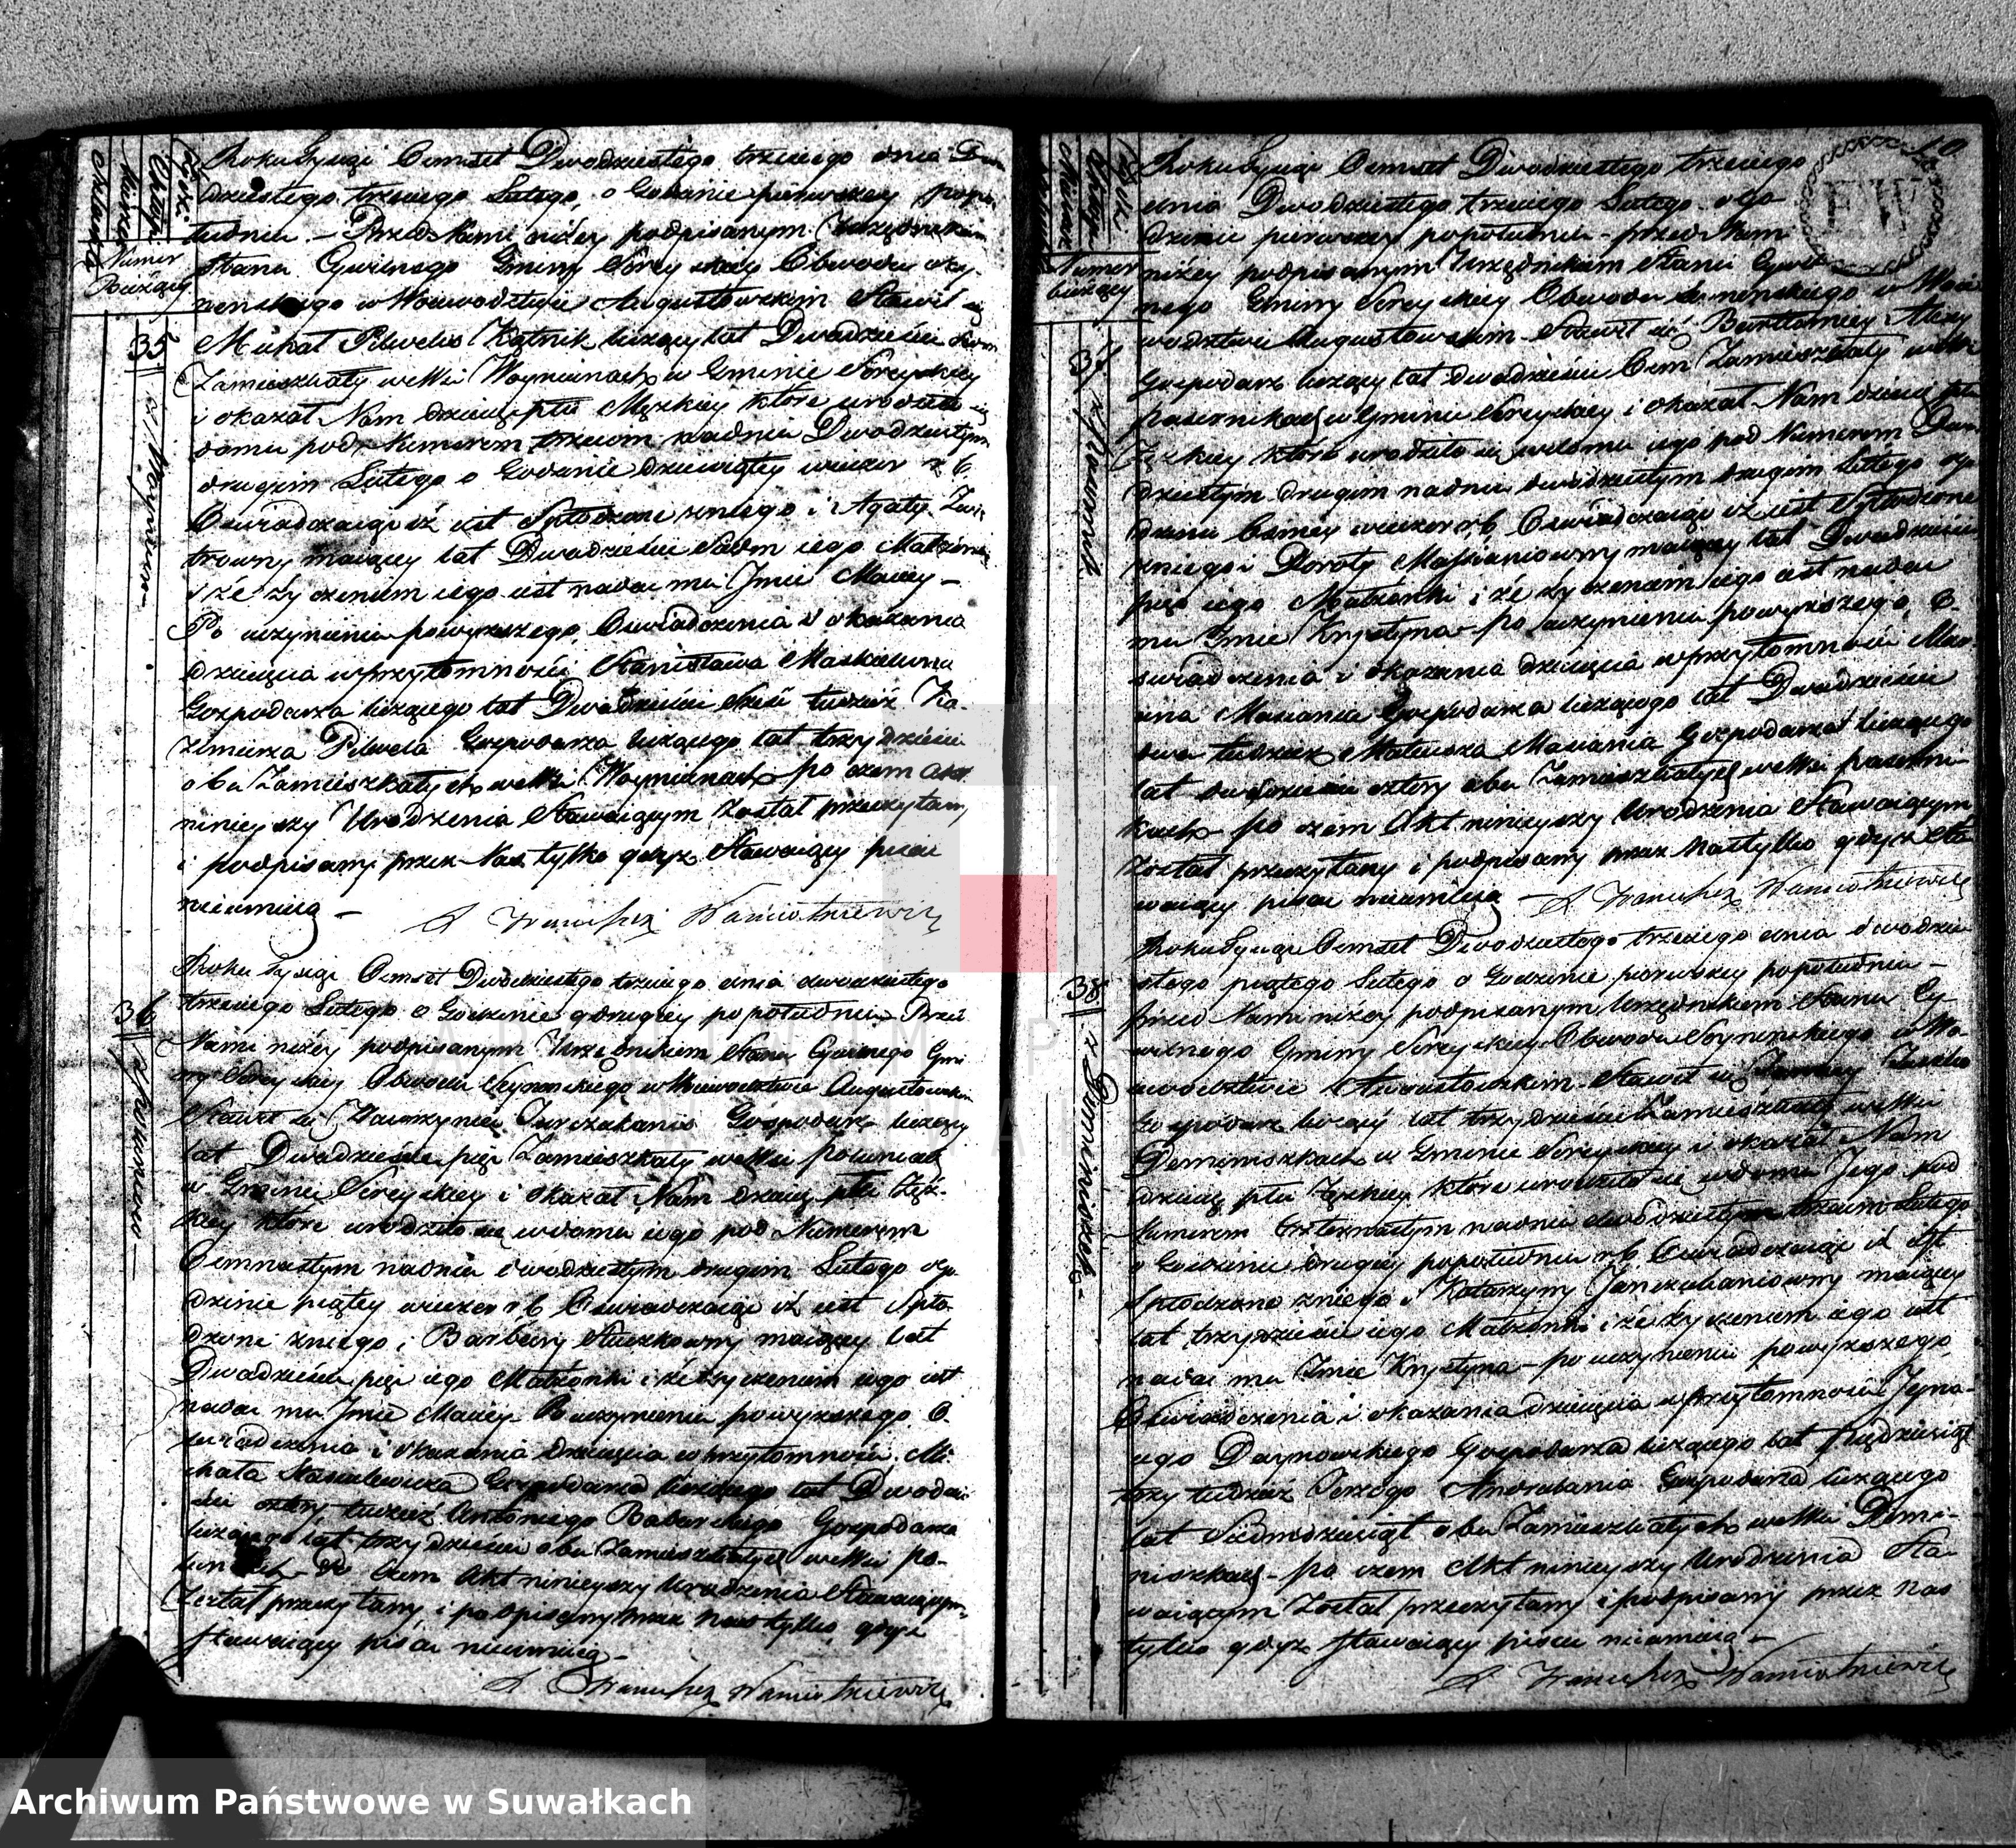 Skan z jednostki: Akta urzędnika stanu cywilnego gminy i parafii sereyskiey urodzonych od dnia 1-go stycznia 1823 do ostatniego grudnia tegoż roku.